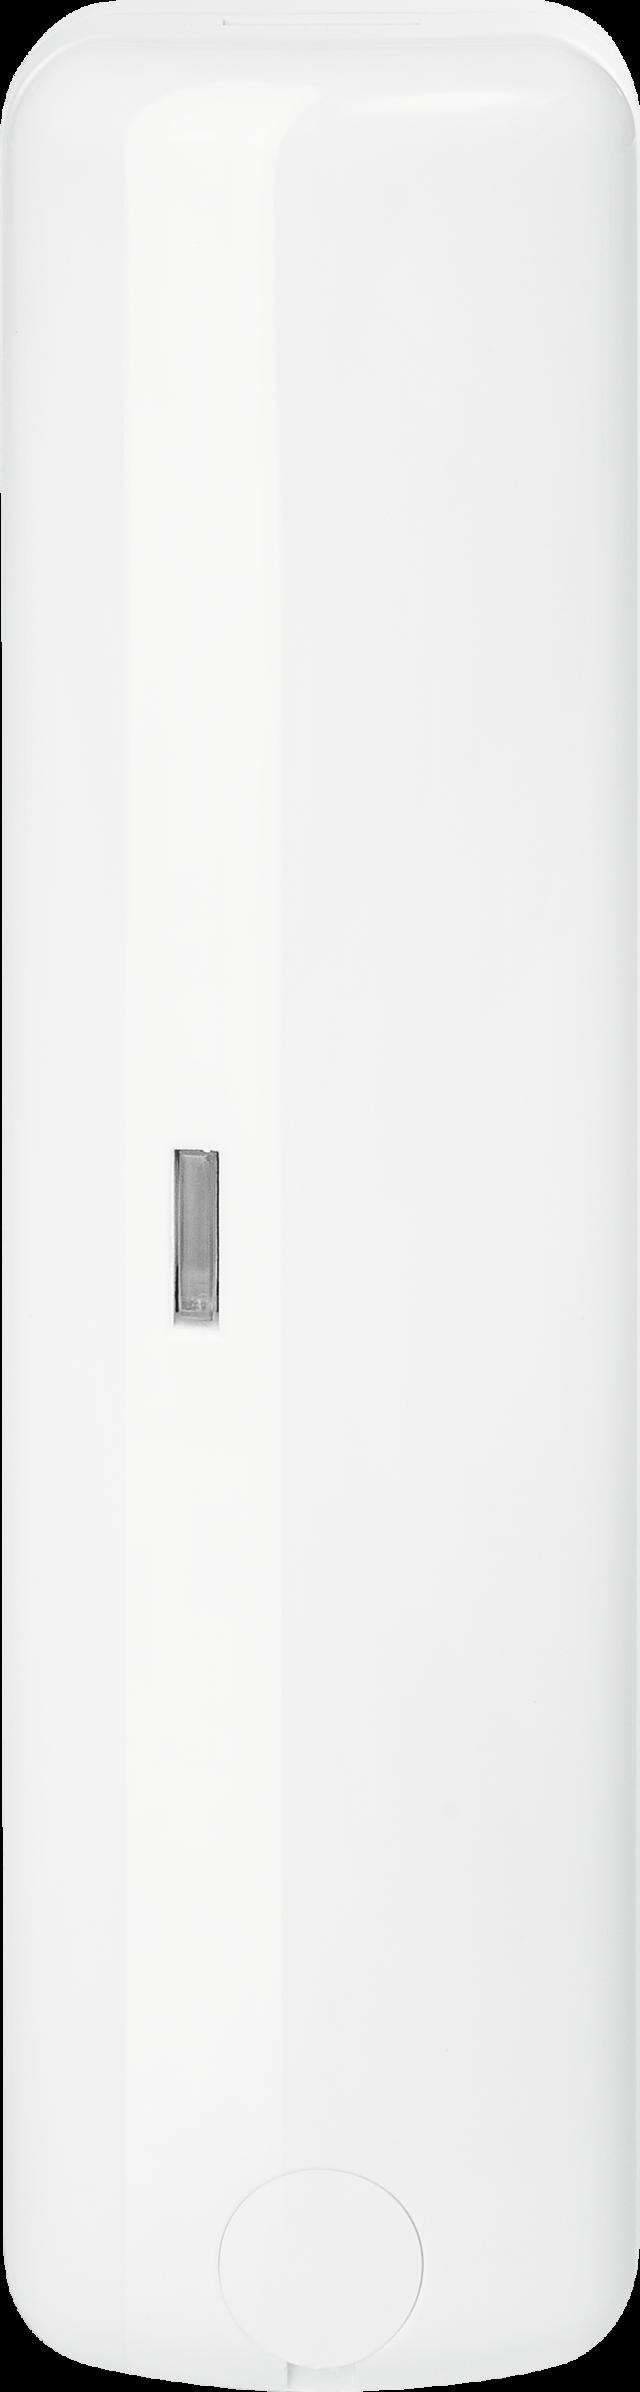 ABUS Erschütterungsmelder – überwacht Türen, Wände, Tresore und Wertgegenstände vor Aufbruch und Durchbruch durch rohe Gewalt (AZEM10000)